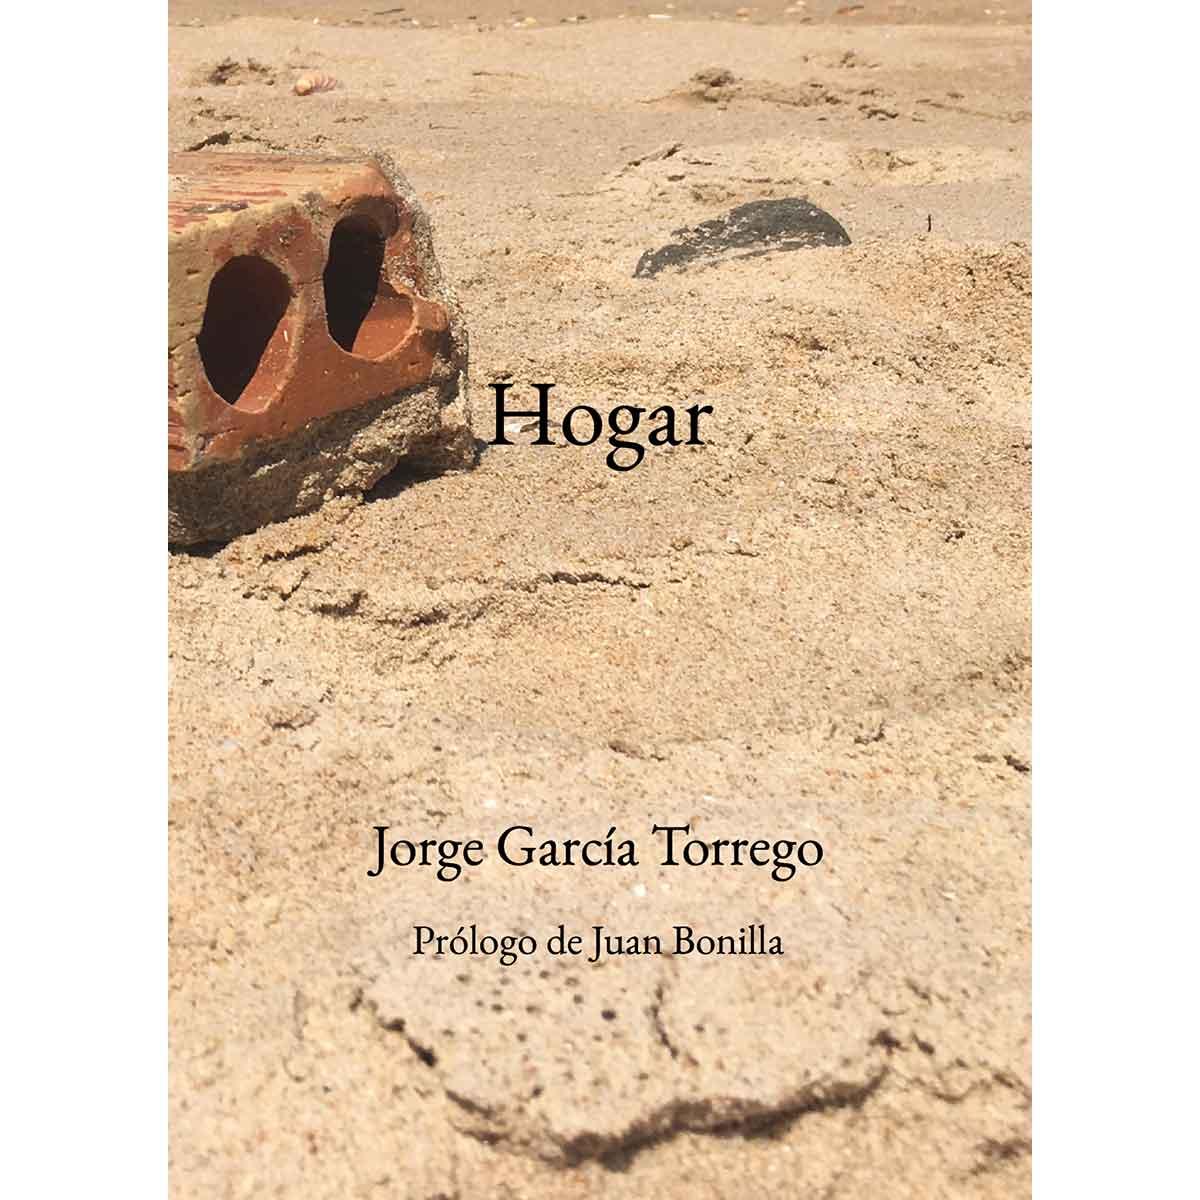 """JORGE GARCÍA TORREGO - """"Hogar"""""""